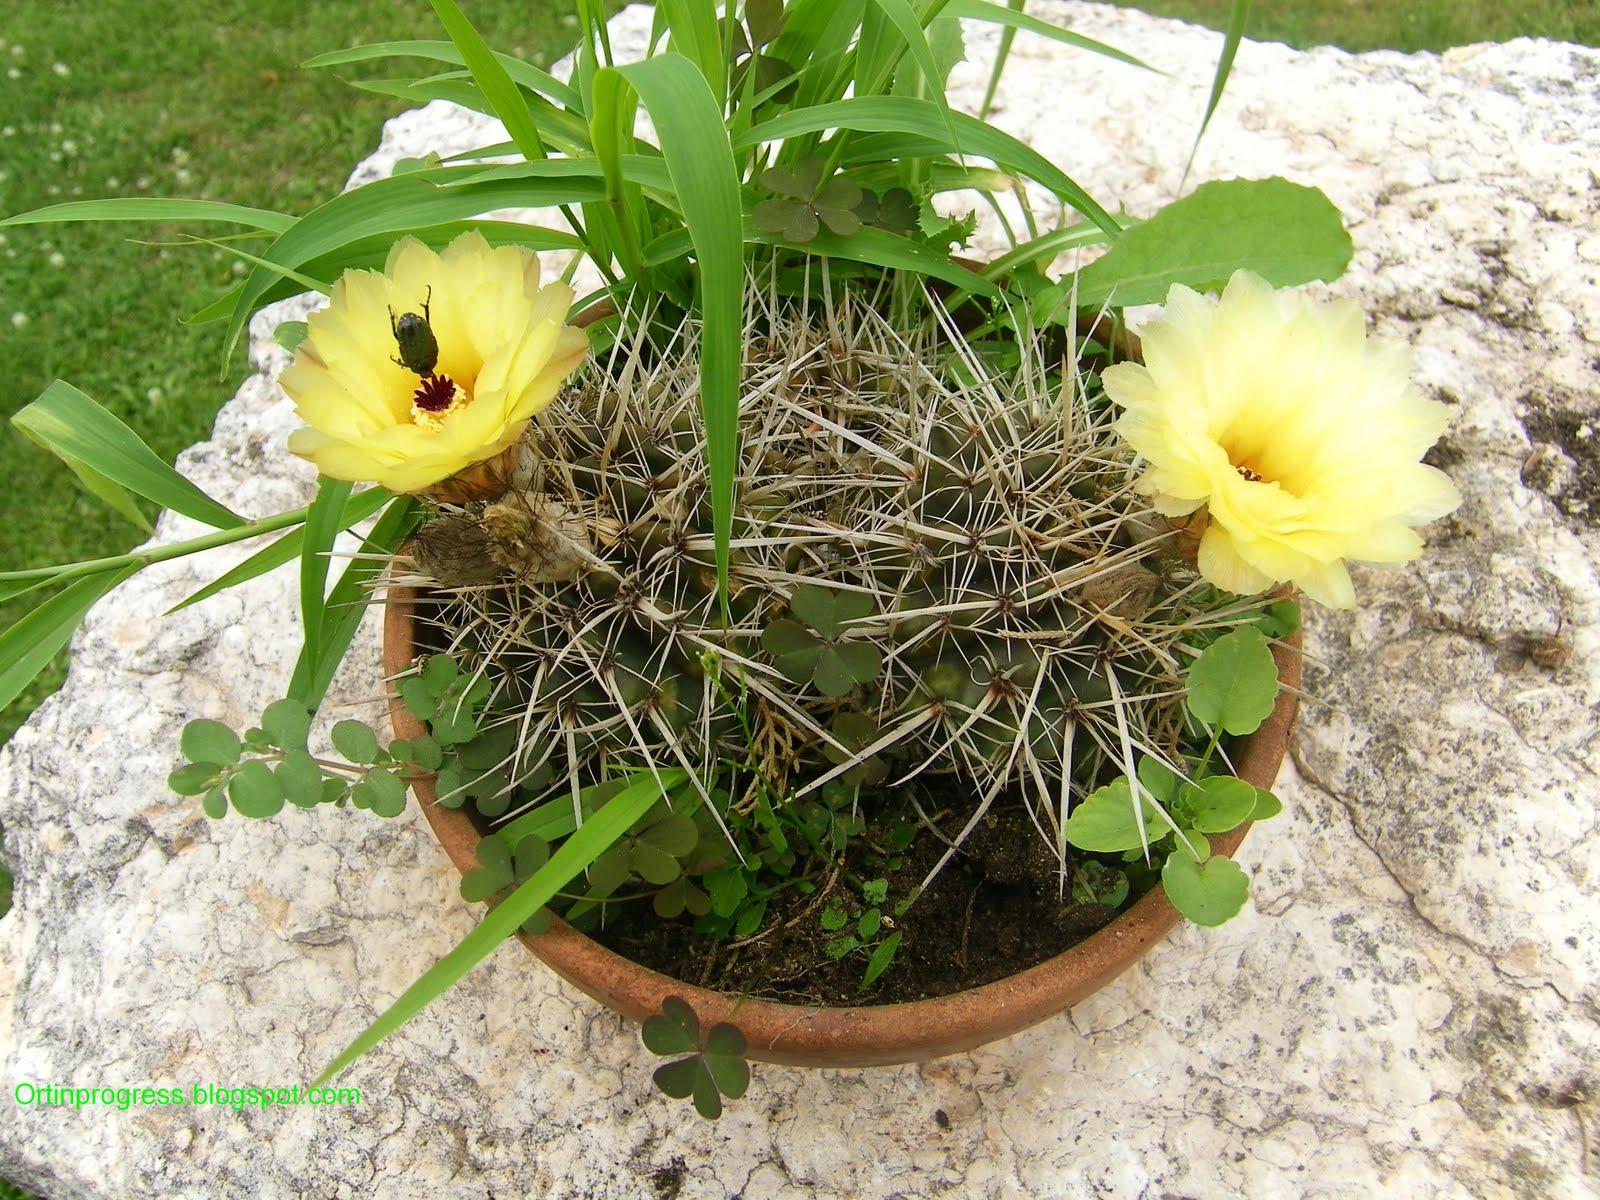 Piante Grasse Da Giardino piante grasse da giardino foto